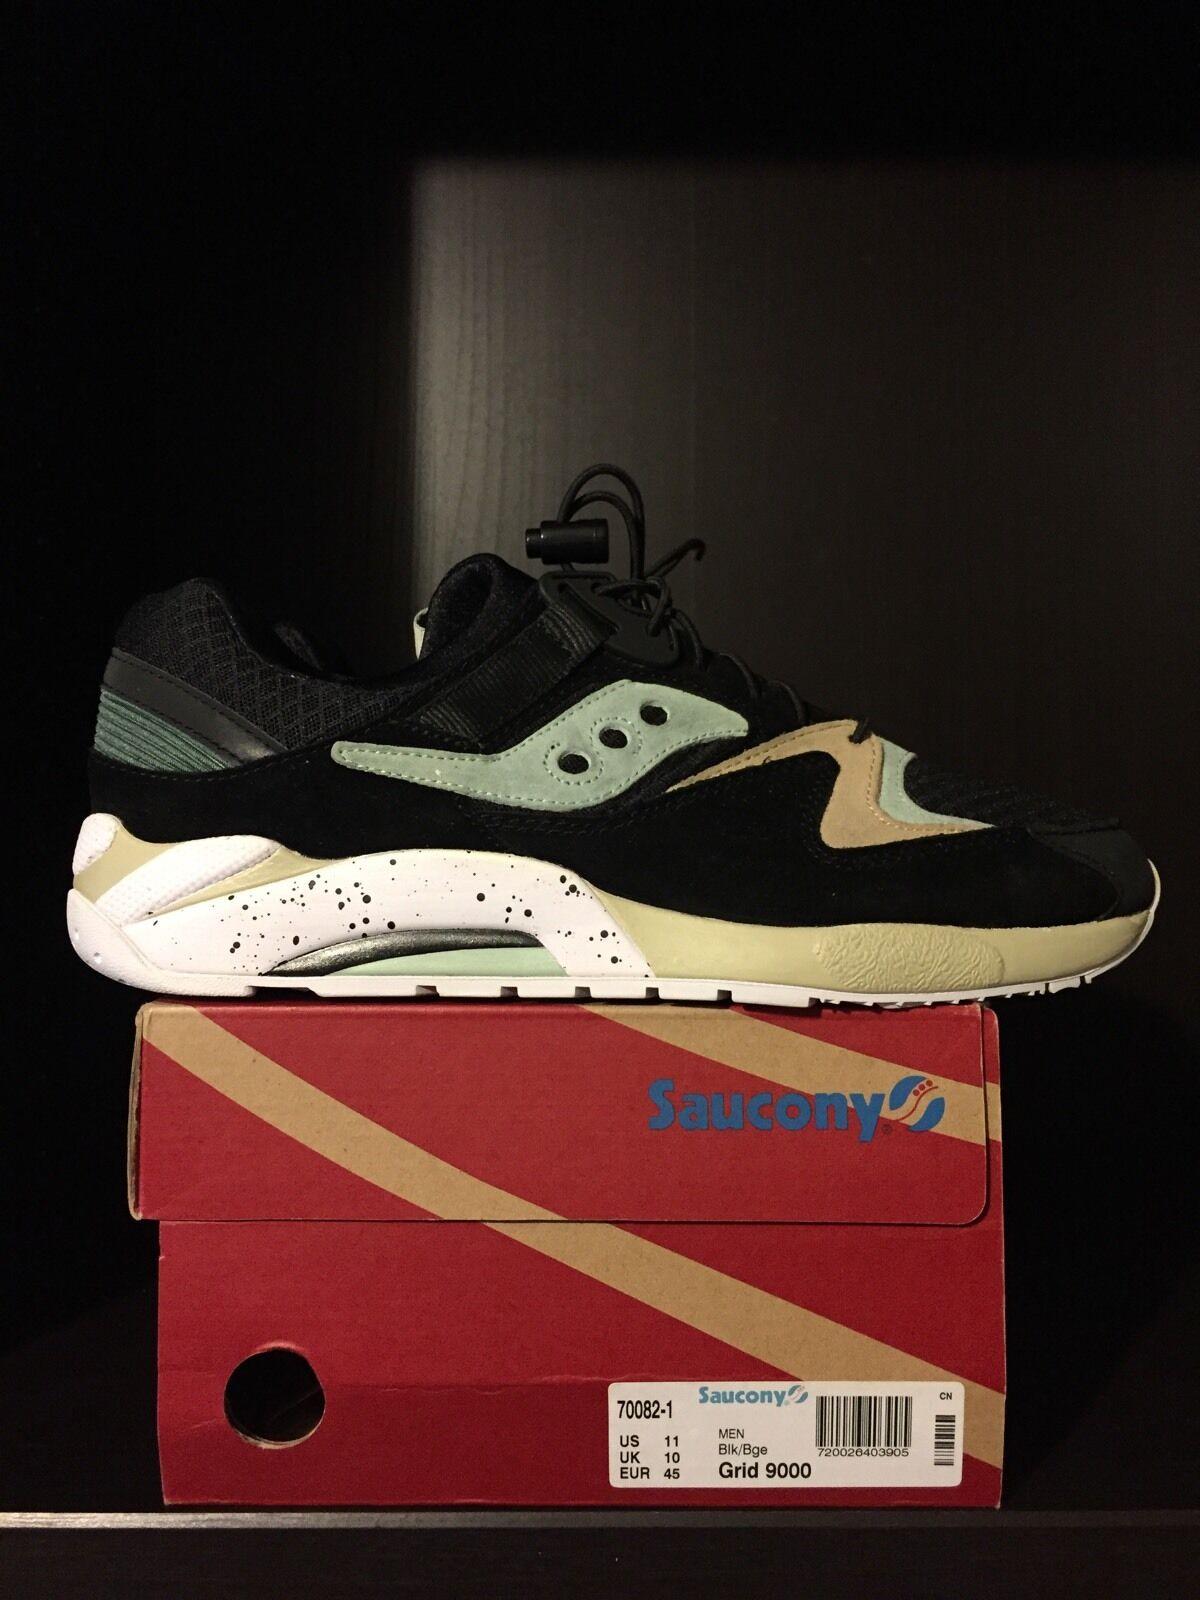 2012 Sneaker Freaker x Saucony Grid 9000  Bushwacker  - Size 11 - RARE